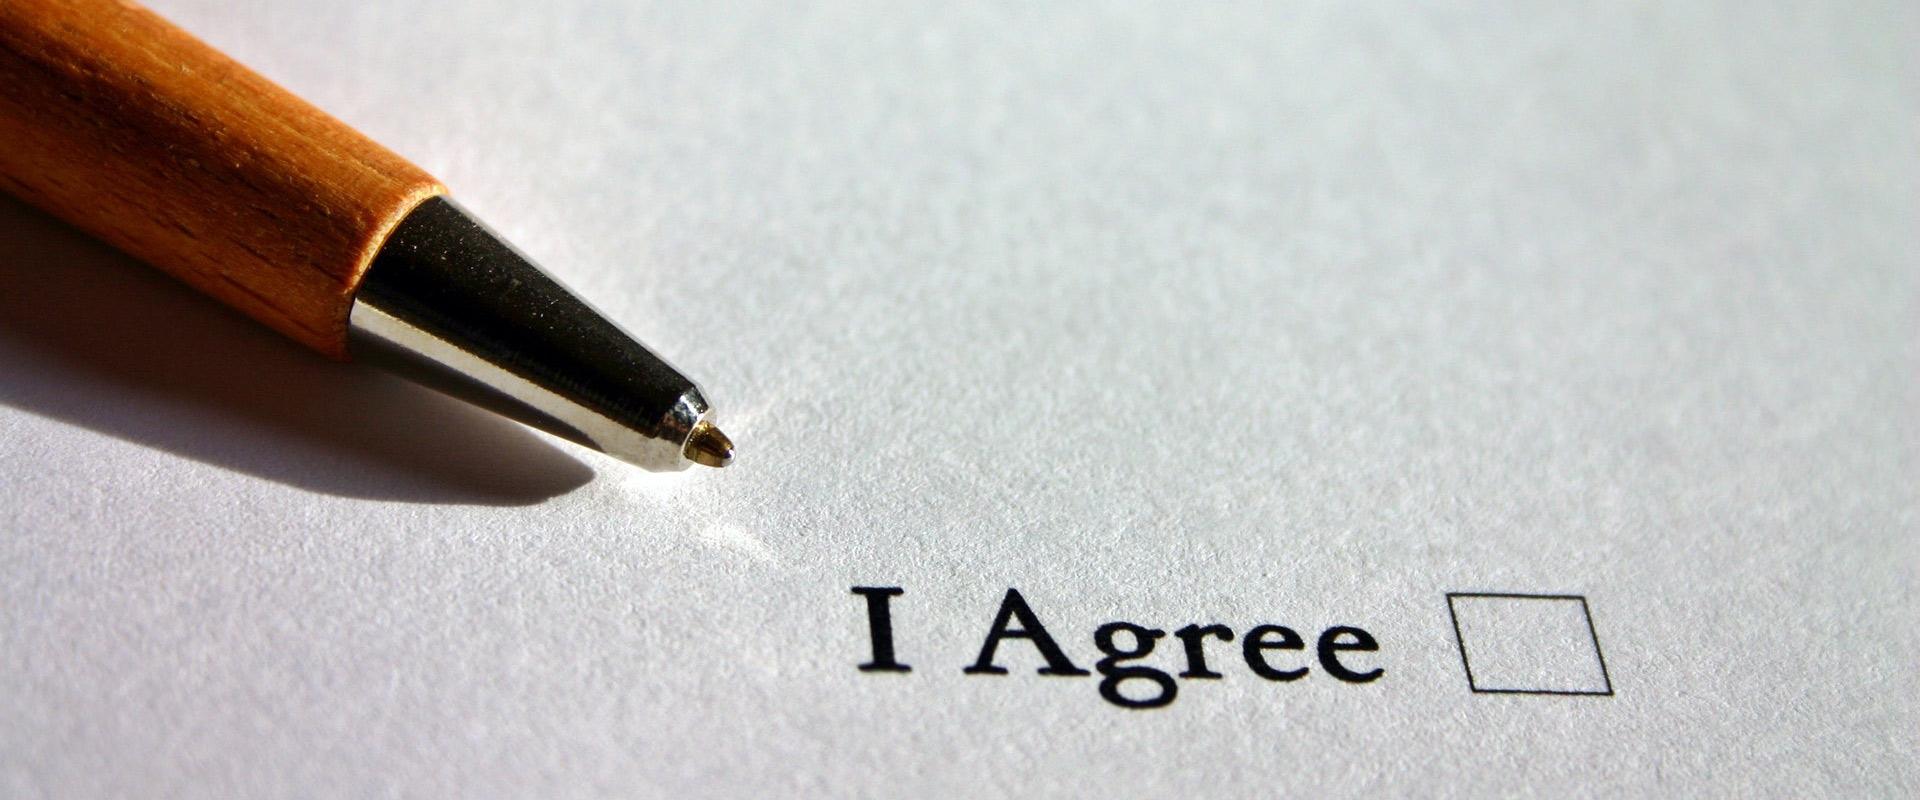 """stylo posé sur une feuille où est inscrit """"i agree"""" faisant référence au consentement"""